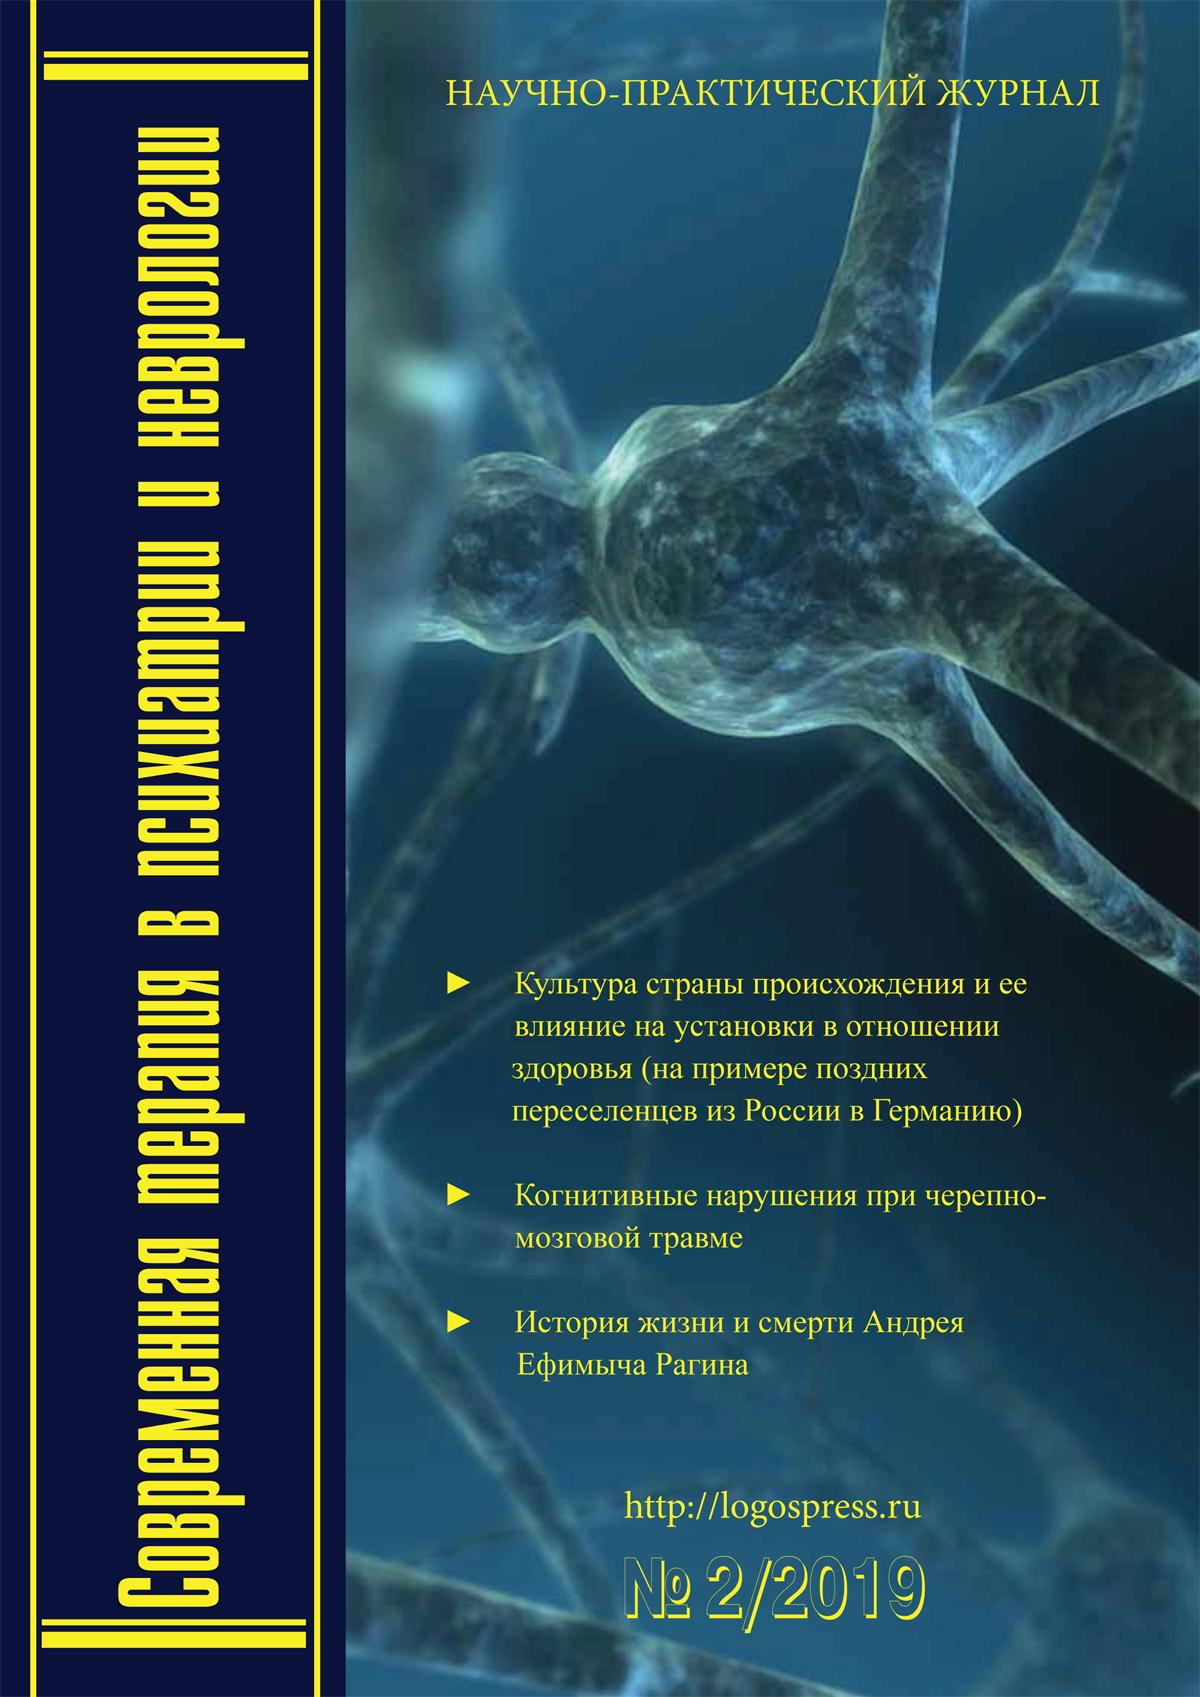 Современная терапия в психиатрии и неврологии №2-2019